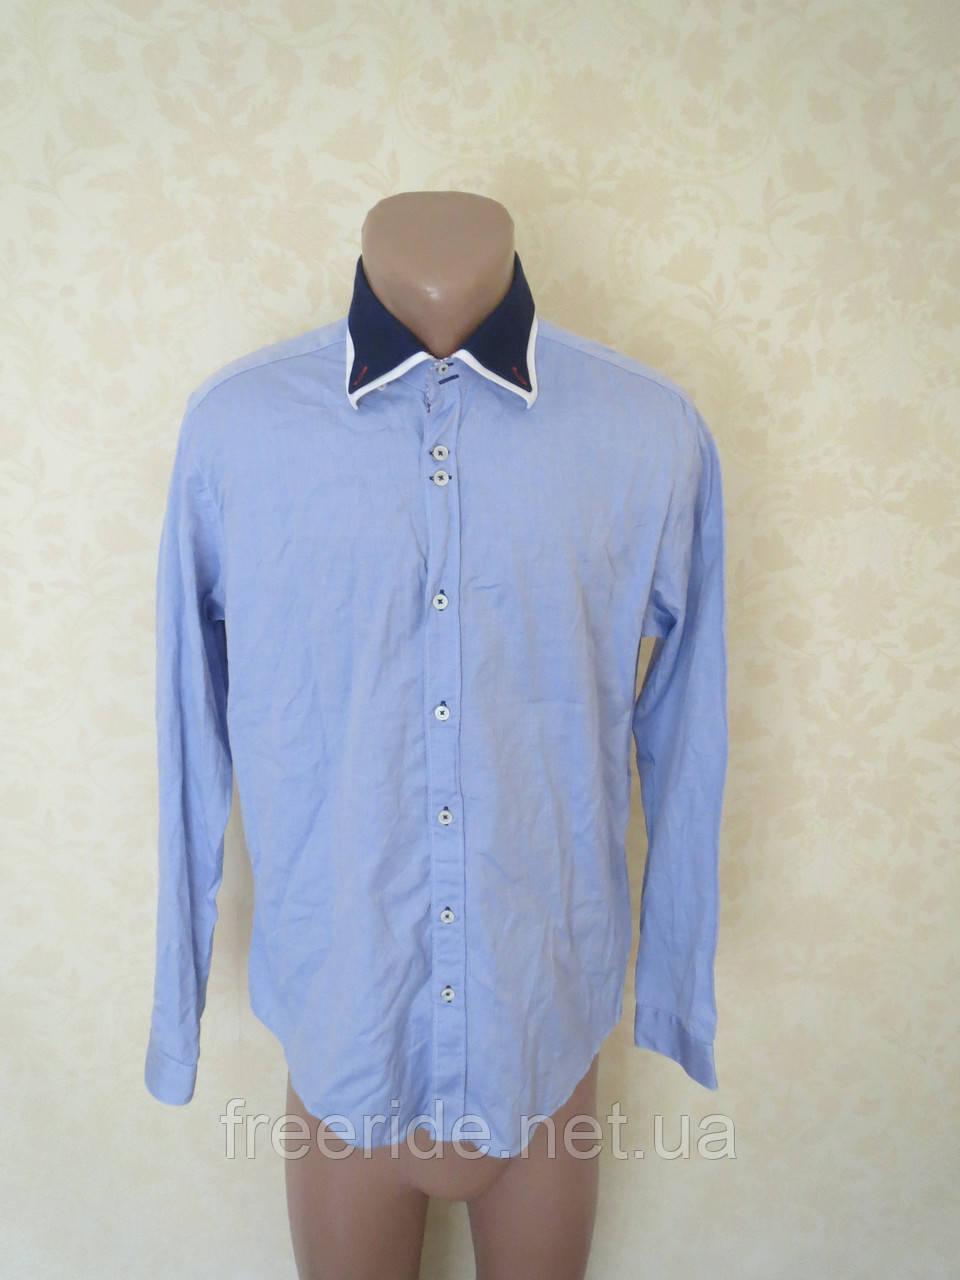 Фирменная стильная рубашка ZARA MAN (L)